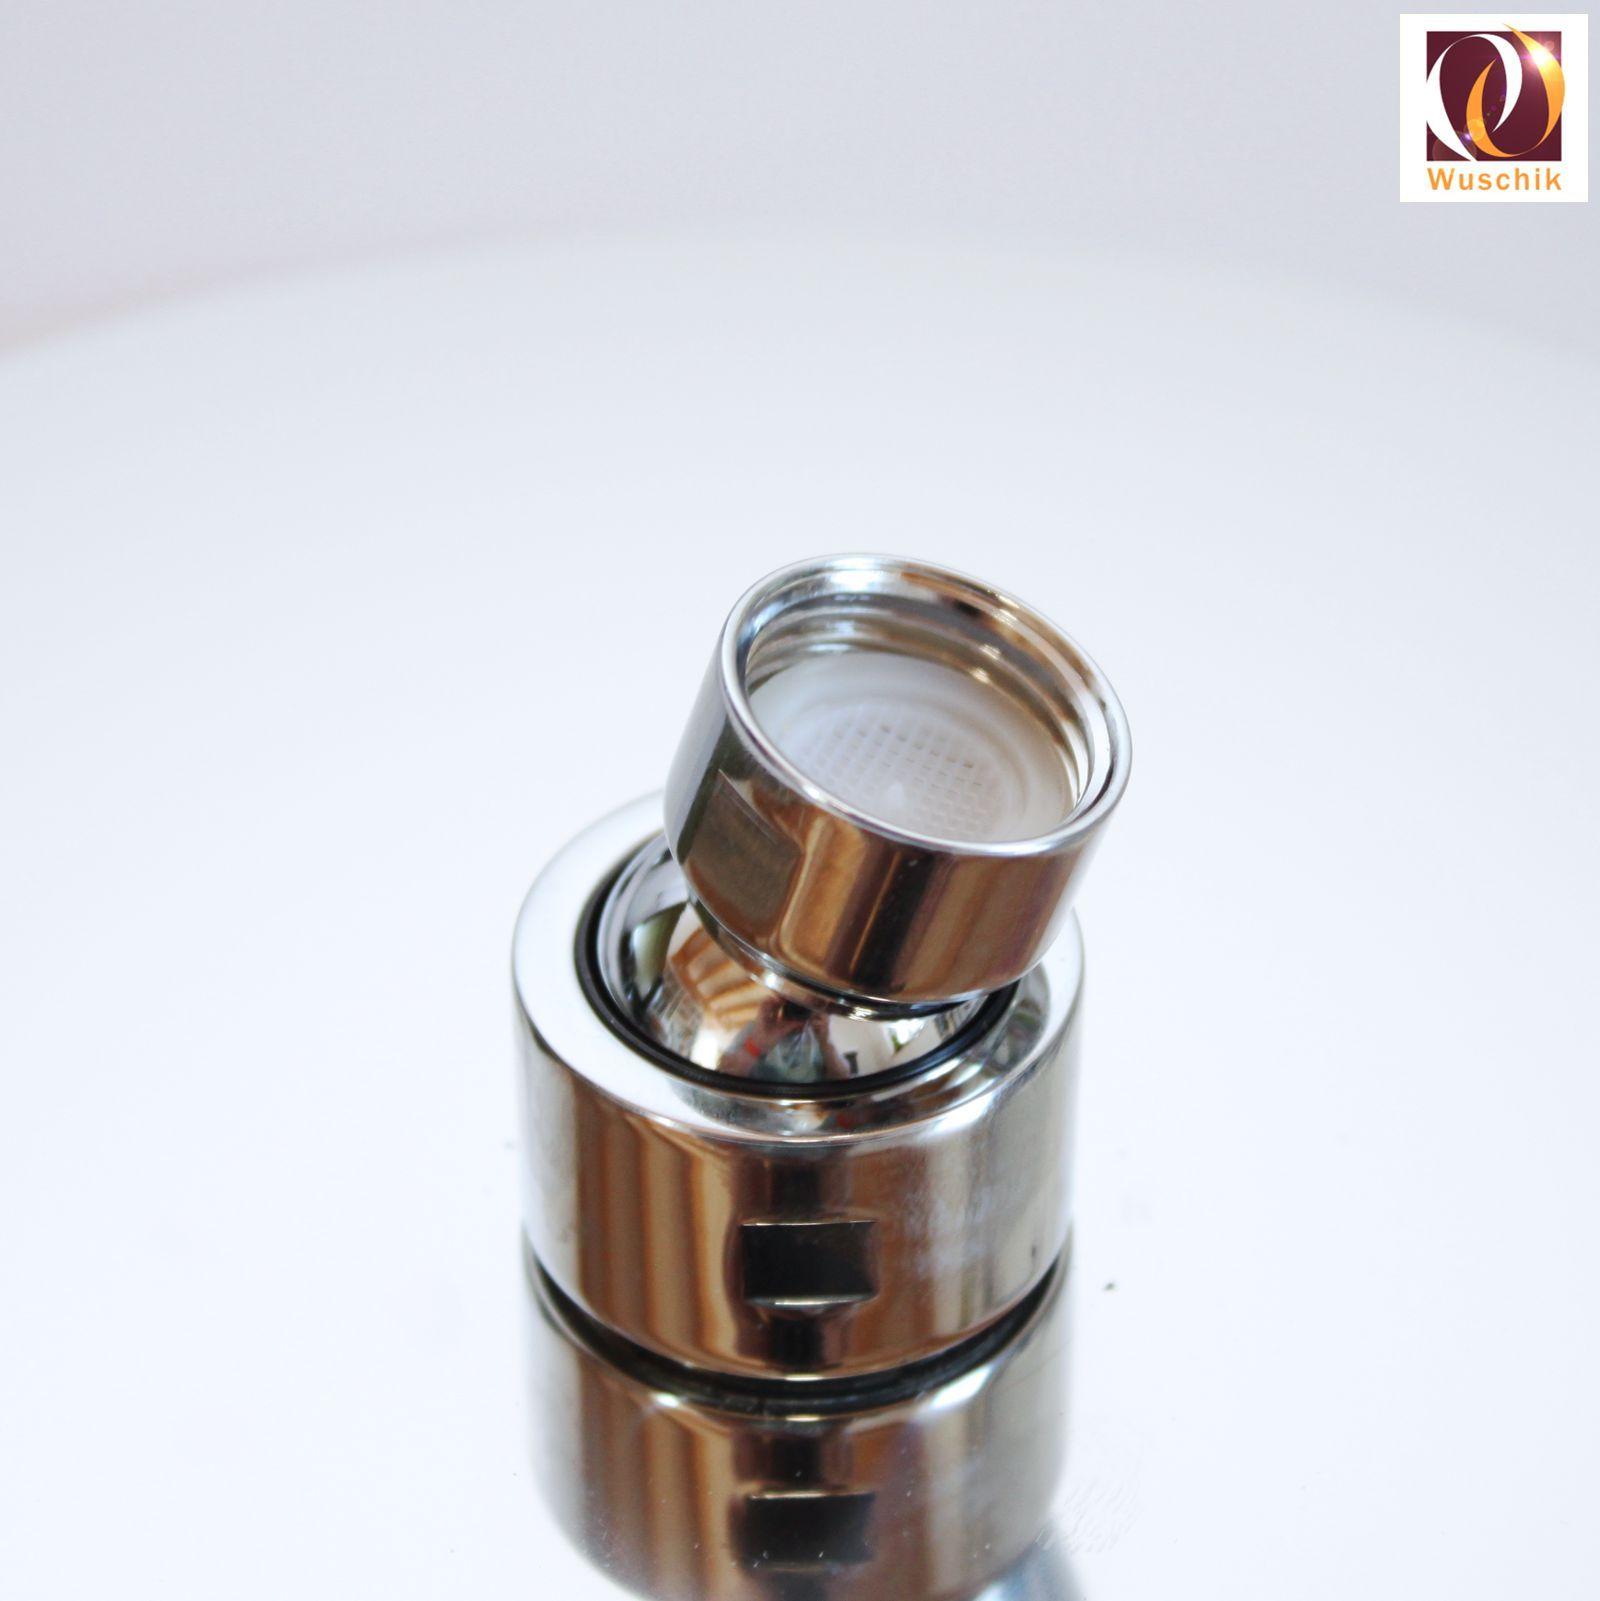 Beliebt Duschkopf Brausekopf flach 200 mm Chrom Edelstahl 1/2 Zoll 20 cm NS82